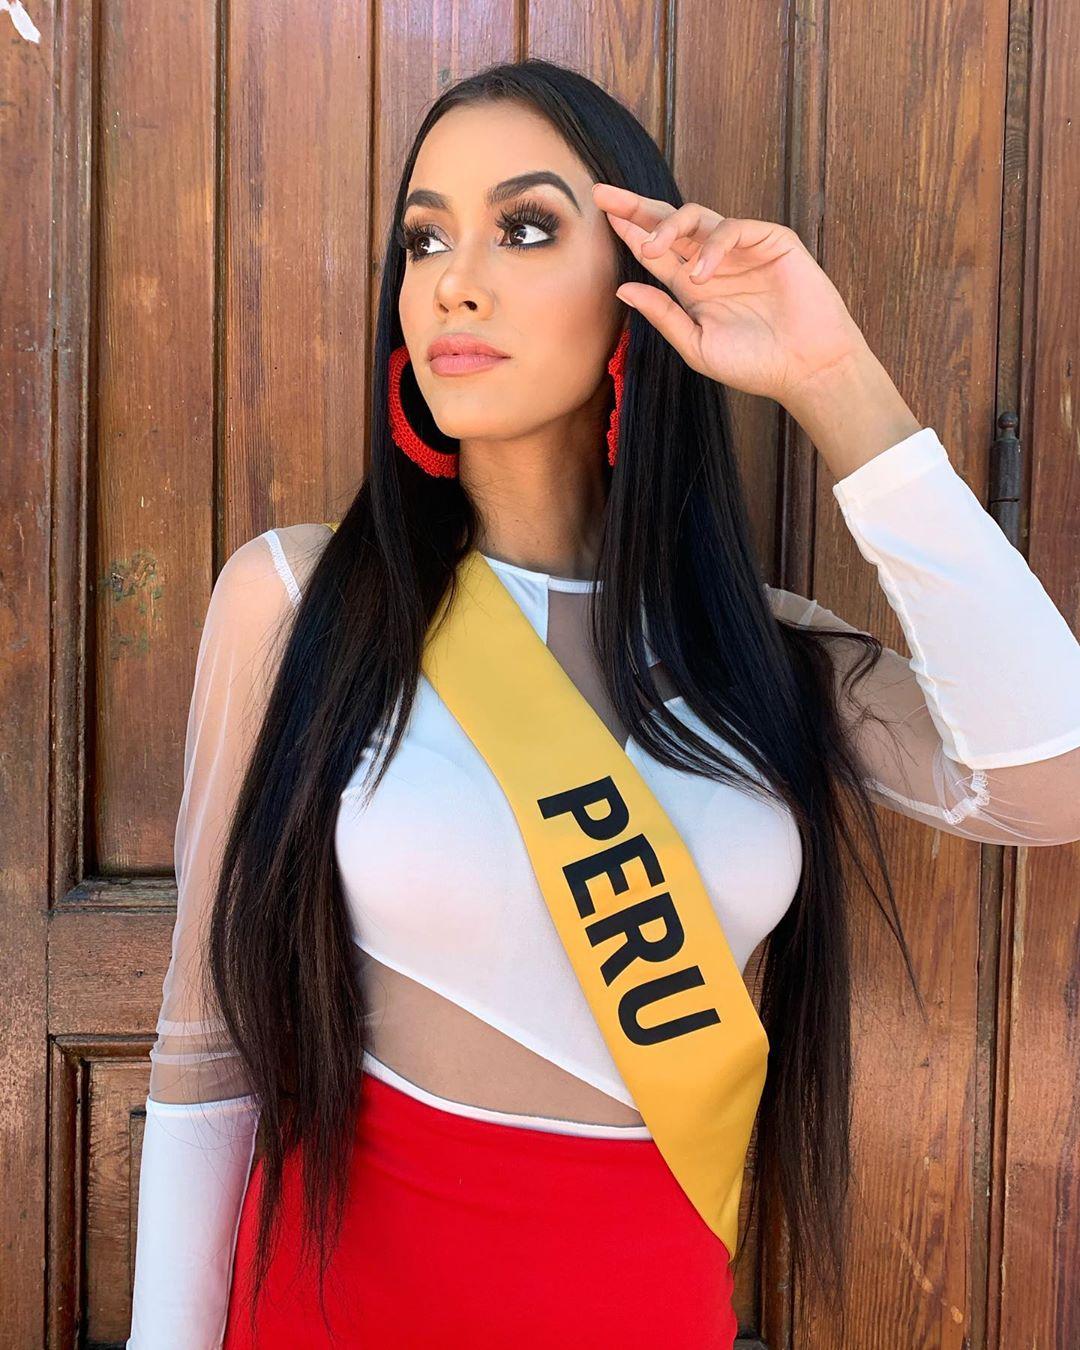 camila escribens, miss supranational peru 2020. - Página 4 70449910